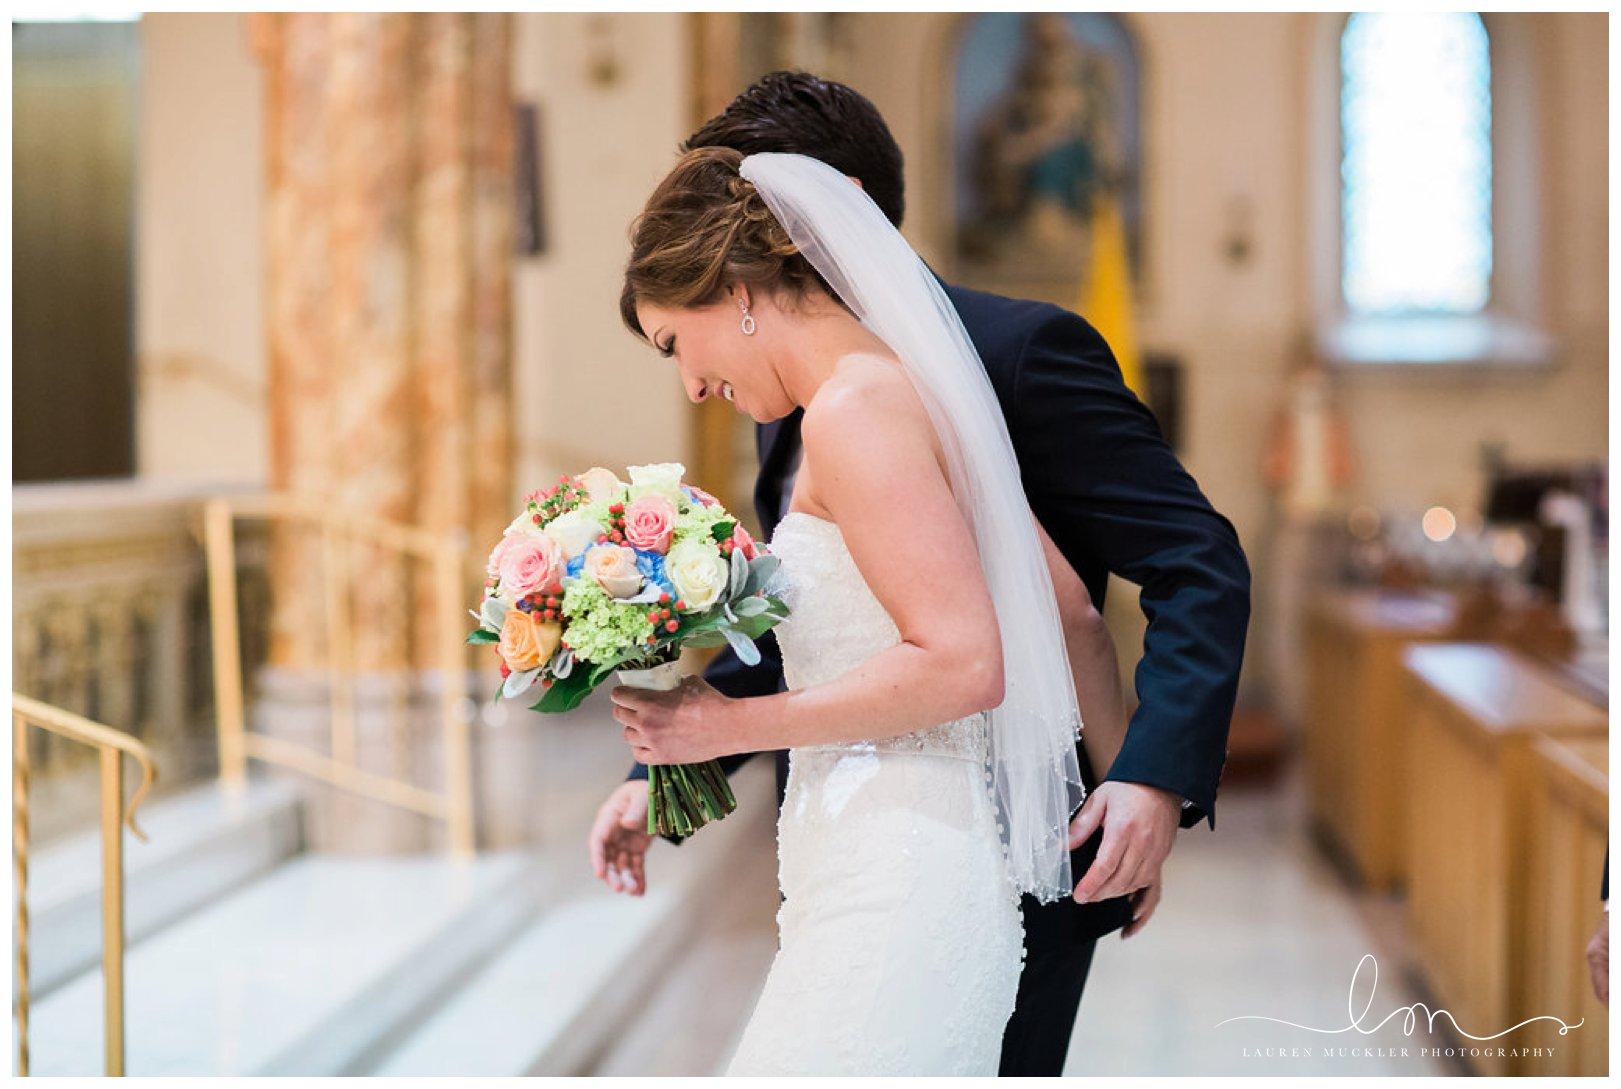 lauren muckler photography_fine art film wedding photography_st louis_photography_0009.jpg